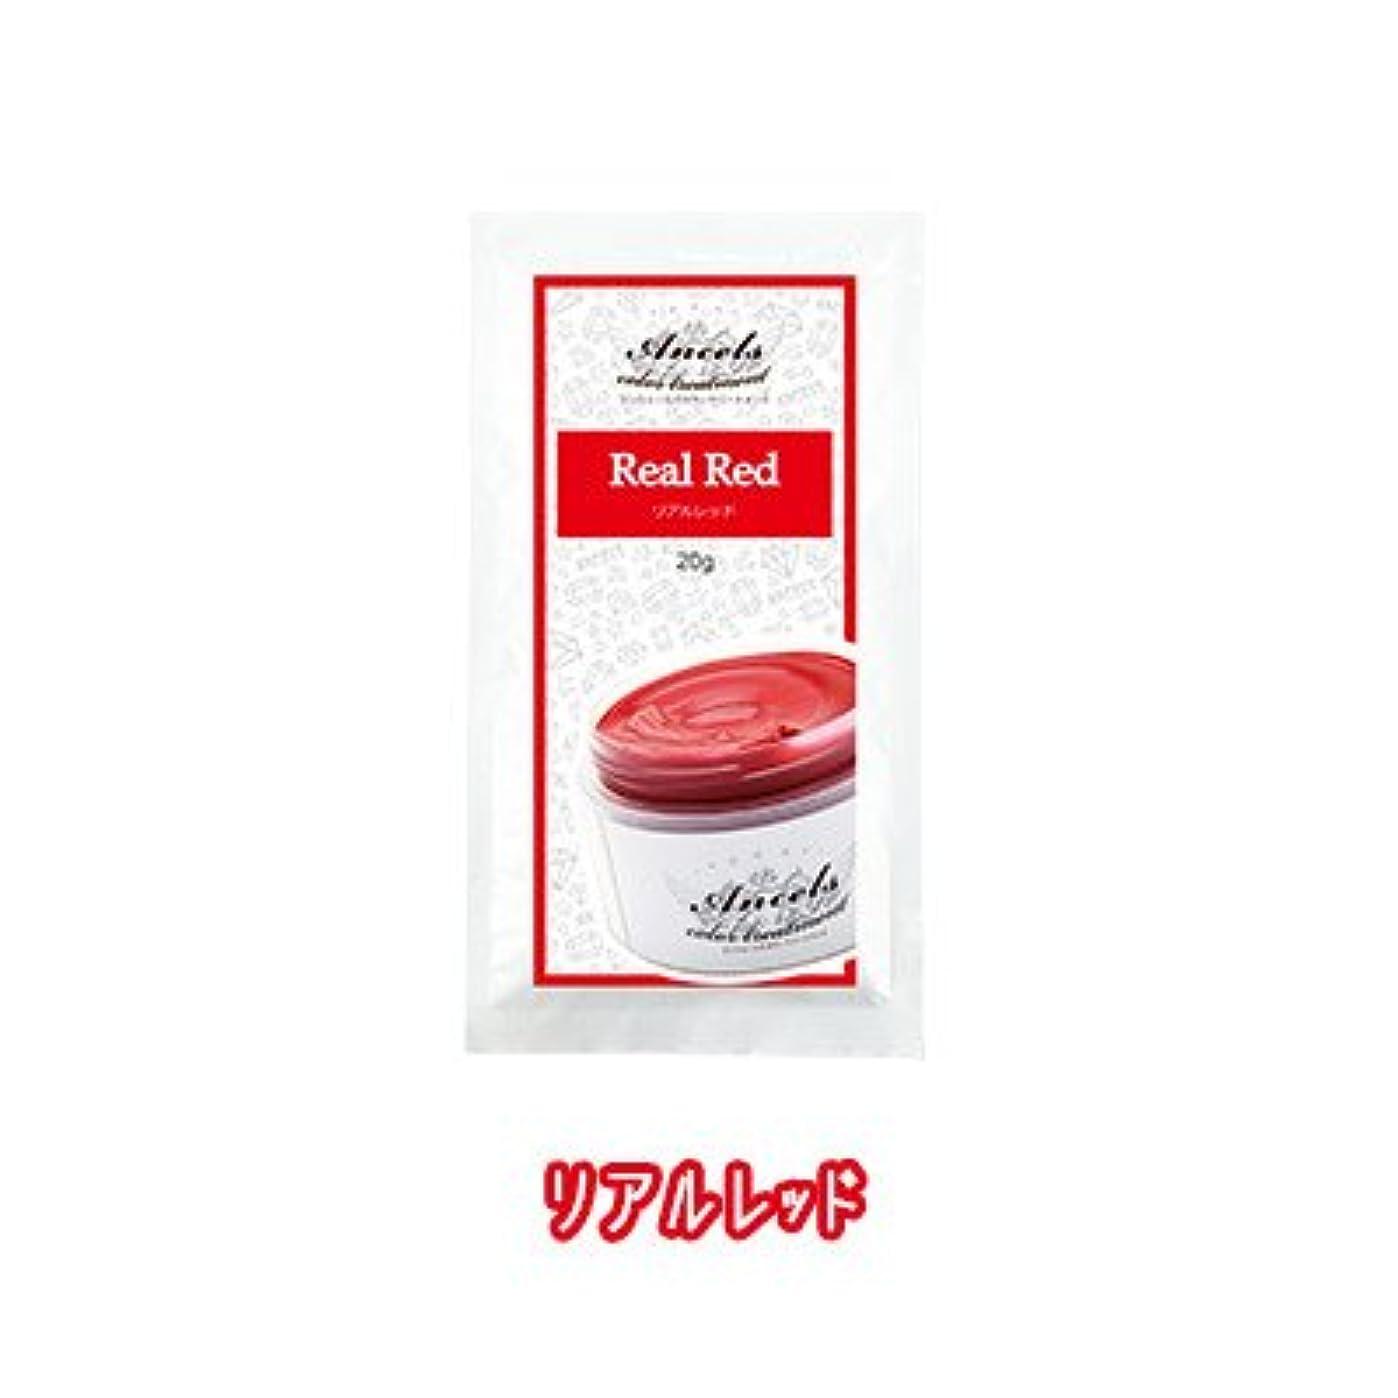 土切り離すソケットエンシェールズ カラートリートメントバター プチ(お試しサイズ) リアルレッド 20g